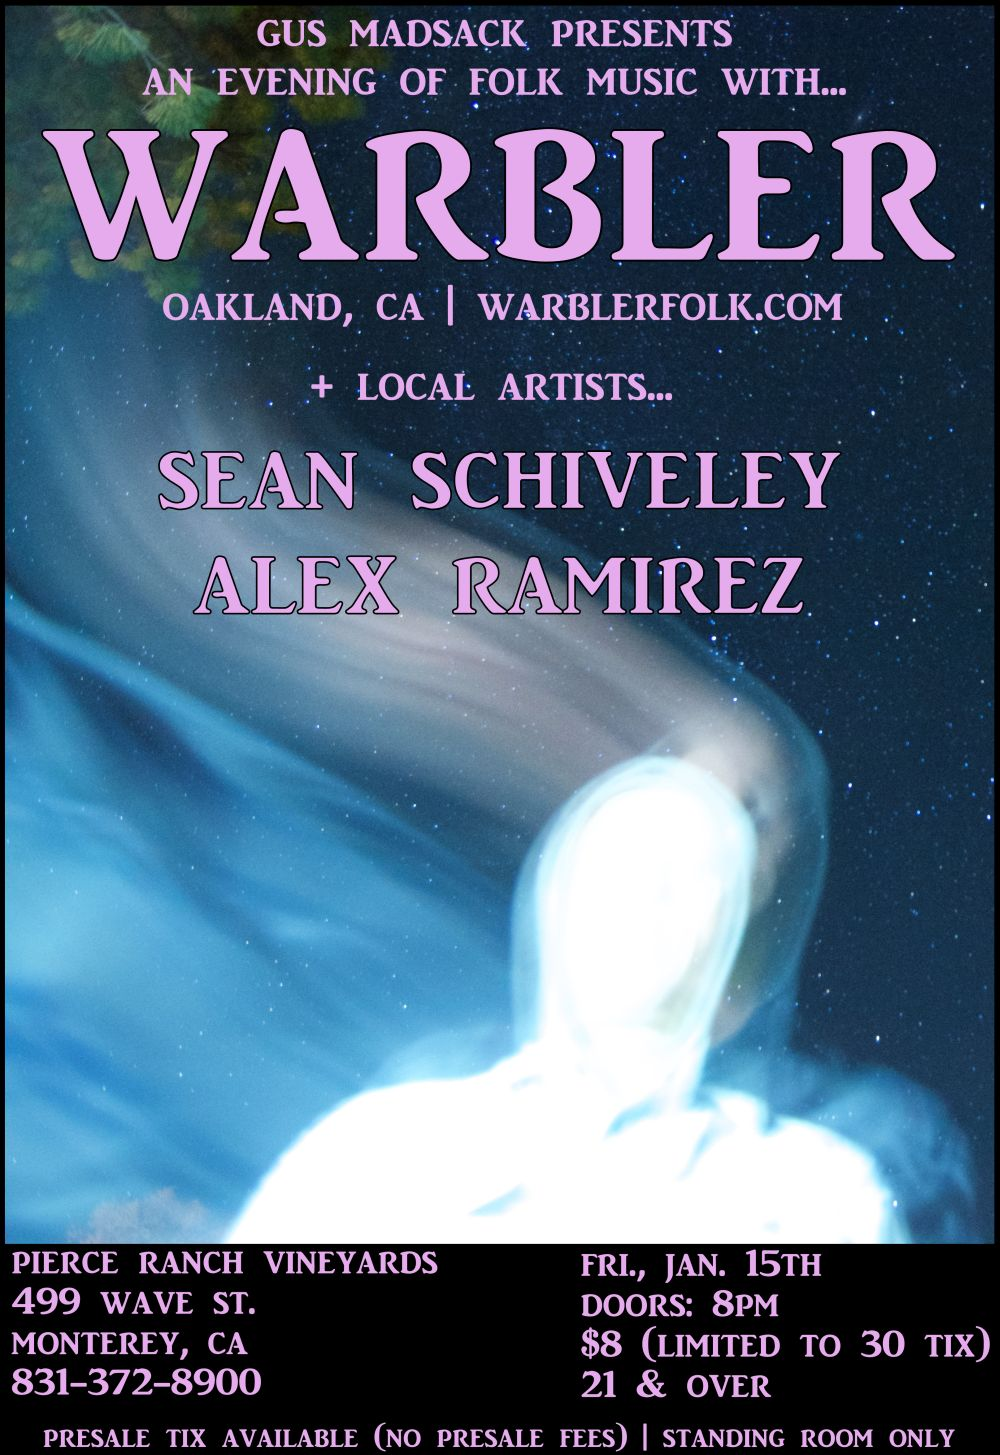 warbler poster revised 3